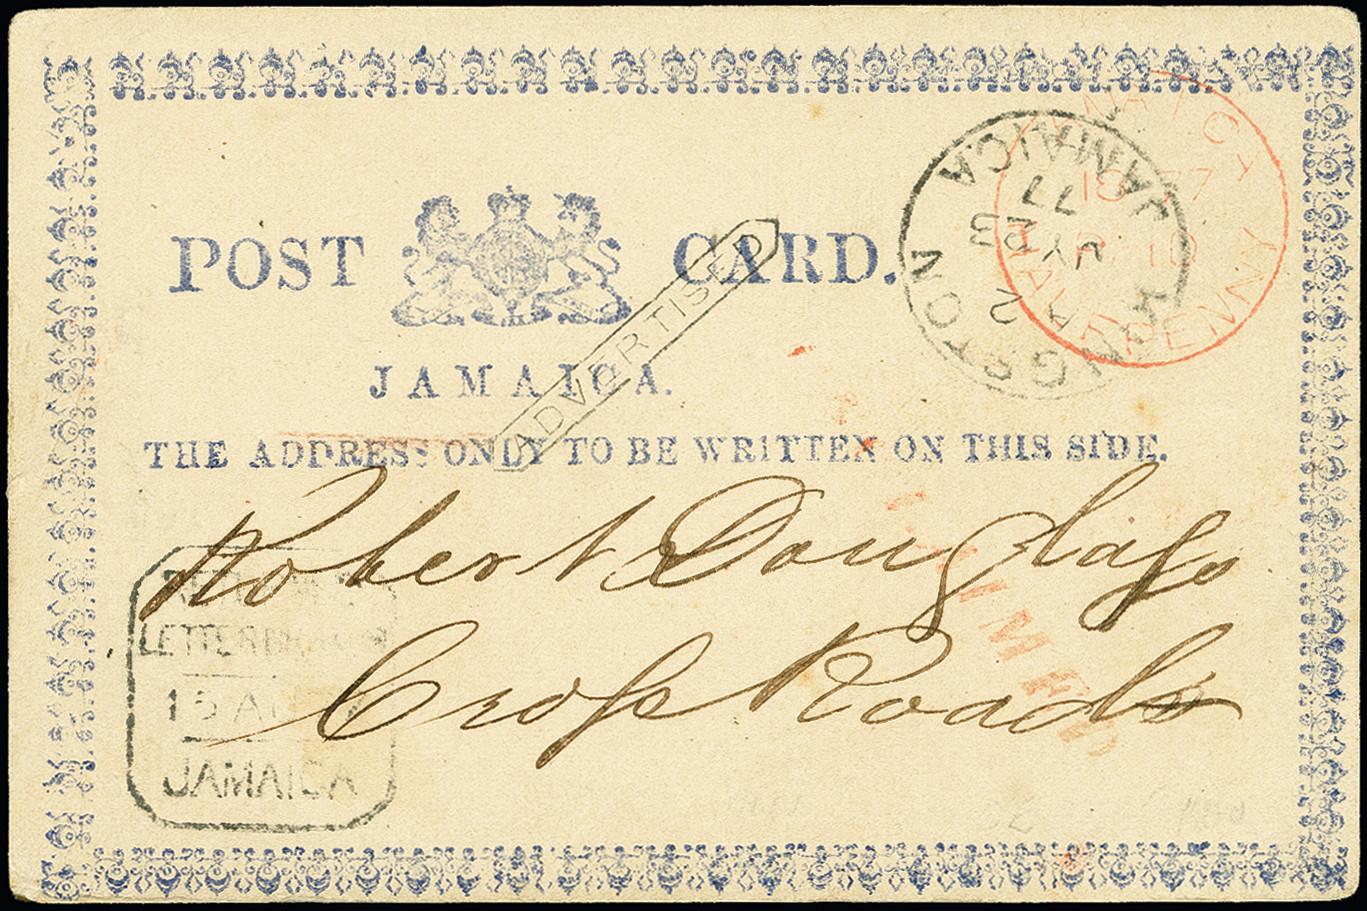 Lot 2050 - Britisch Commonwealth jamaica -  Heinrich Koehler Auktionen 375rd Heinrich Köhler auction - Day 1